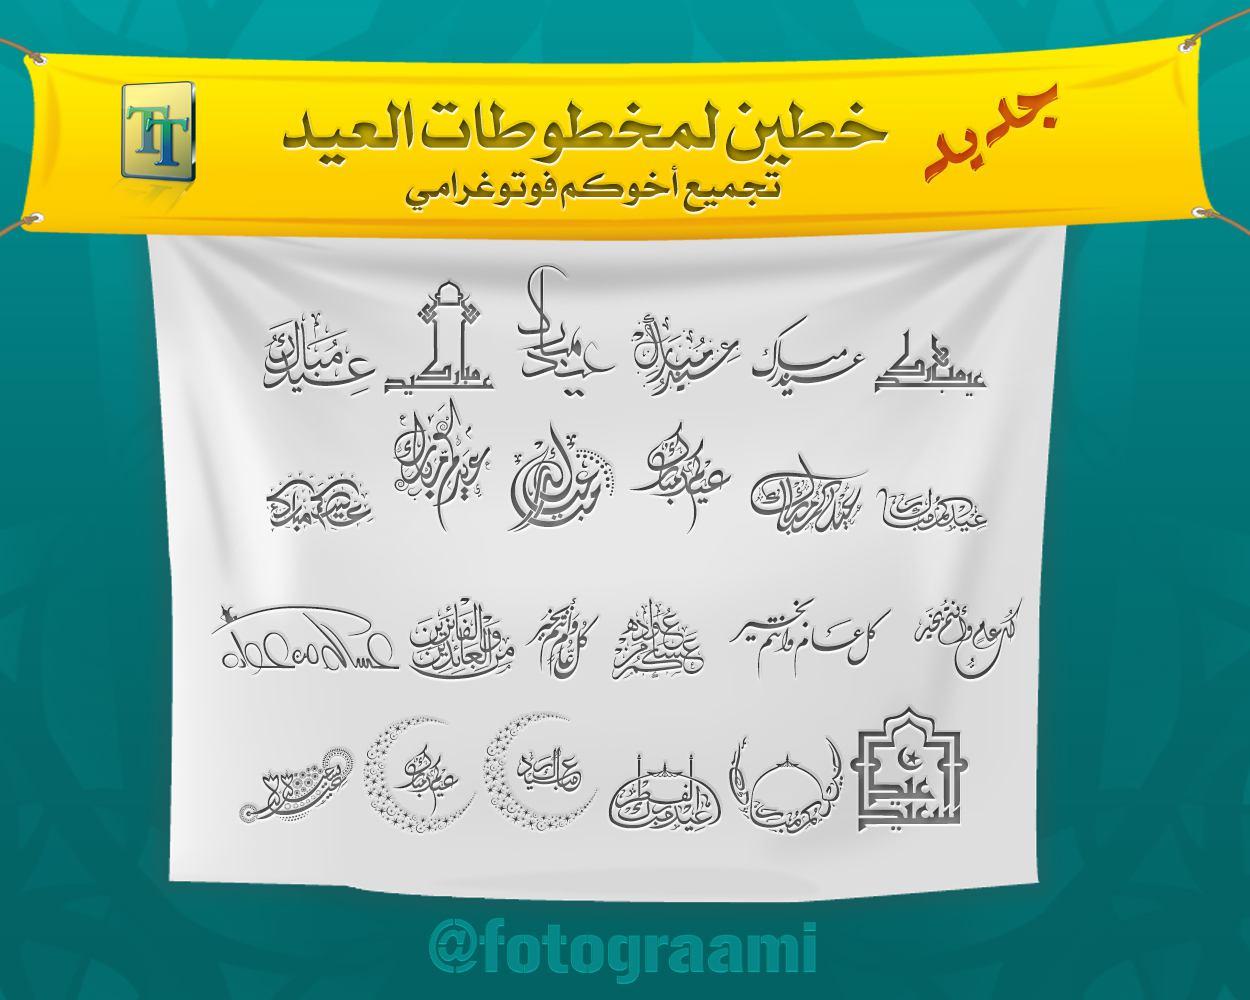 أكثر من 120 مخطوطة عيد مبارك في خطين Font Eid Mubarak جرافيك مان